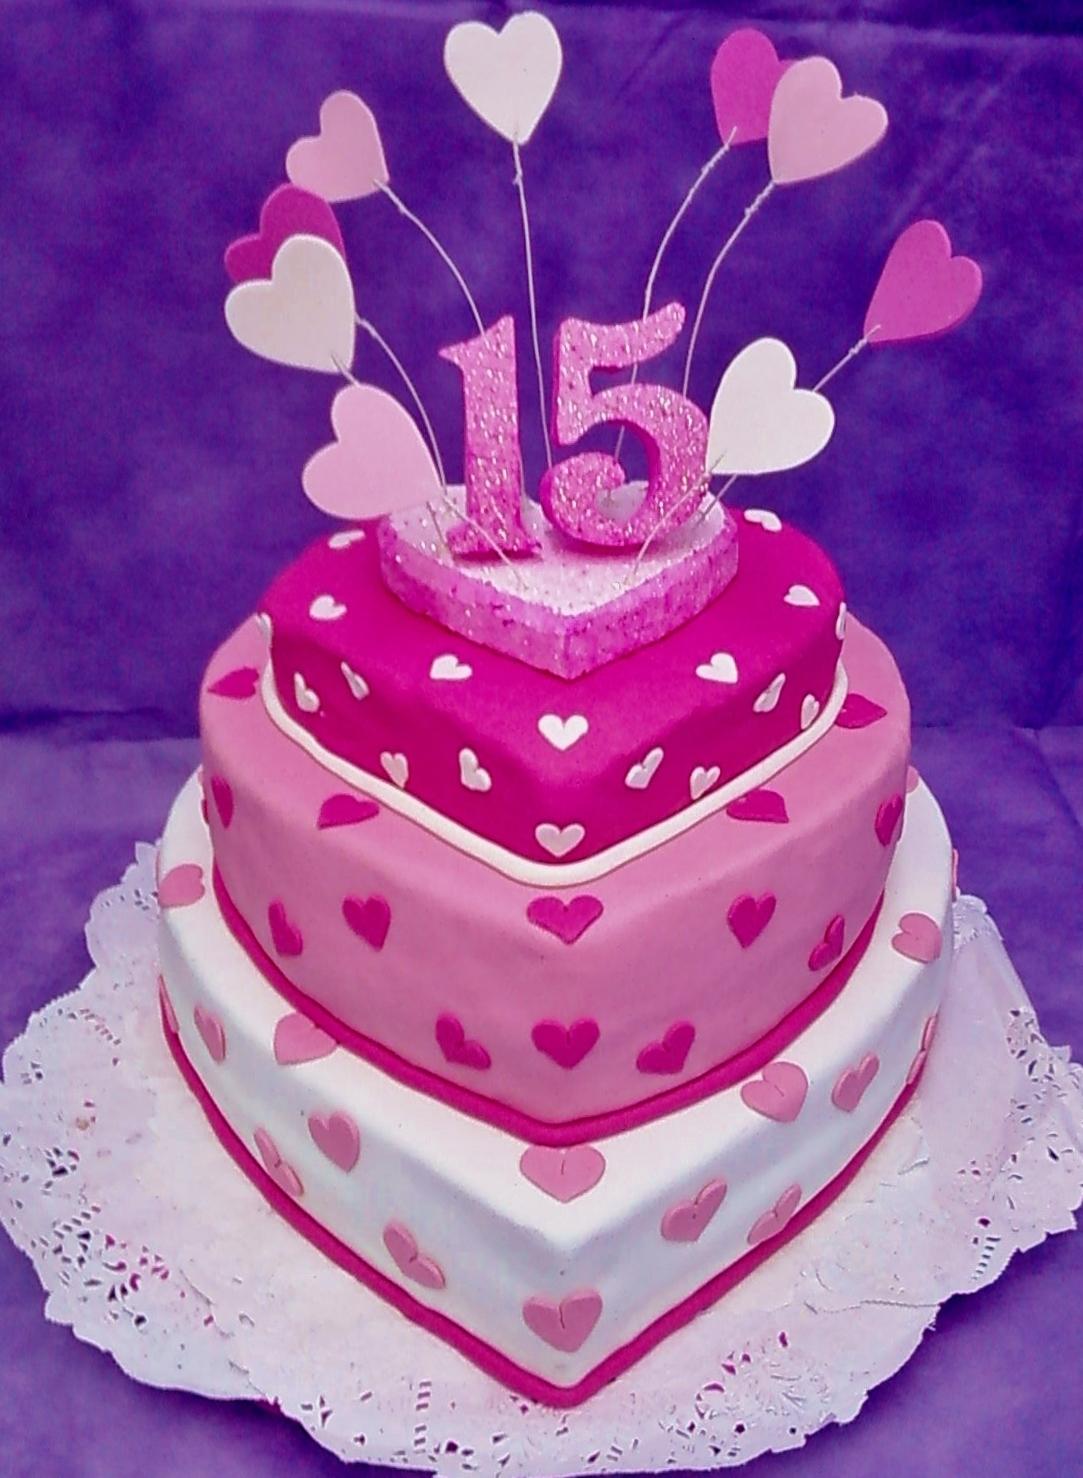 Nuevas Tendencias en Decoración de Tortas: Tortas de 15 Años